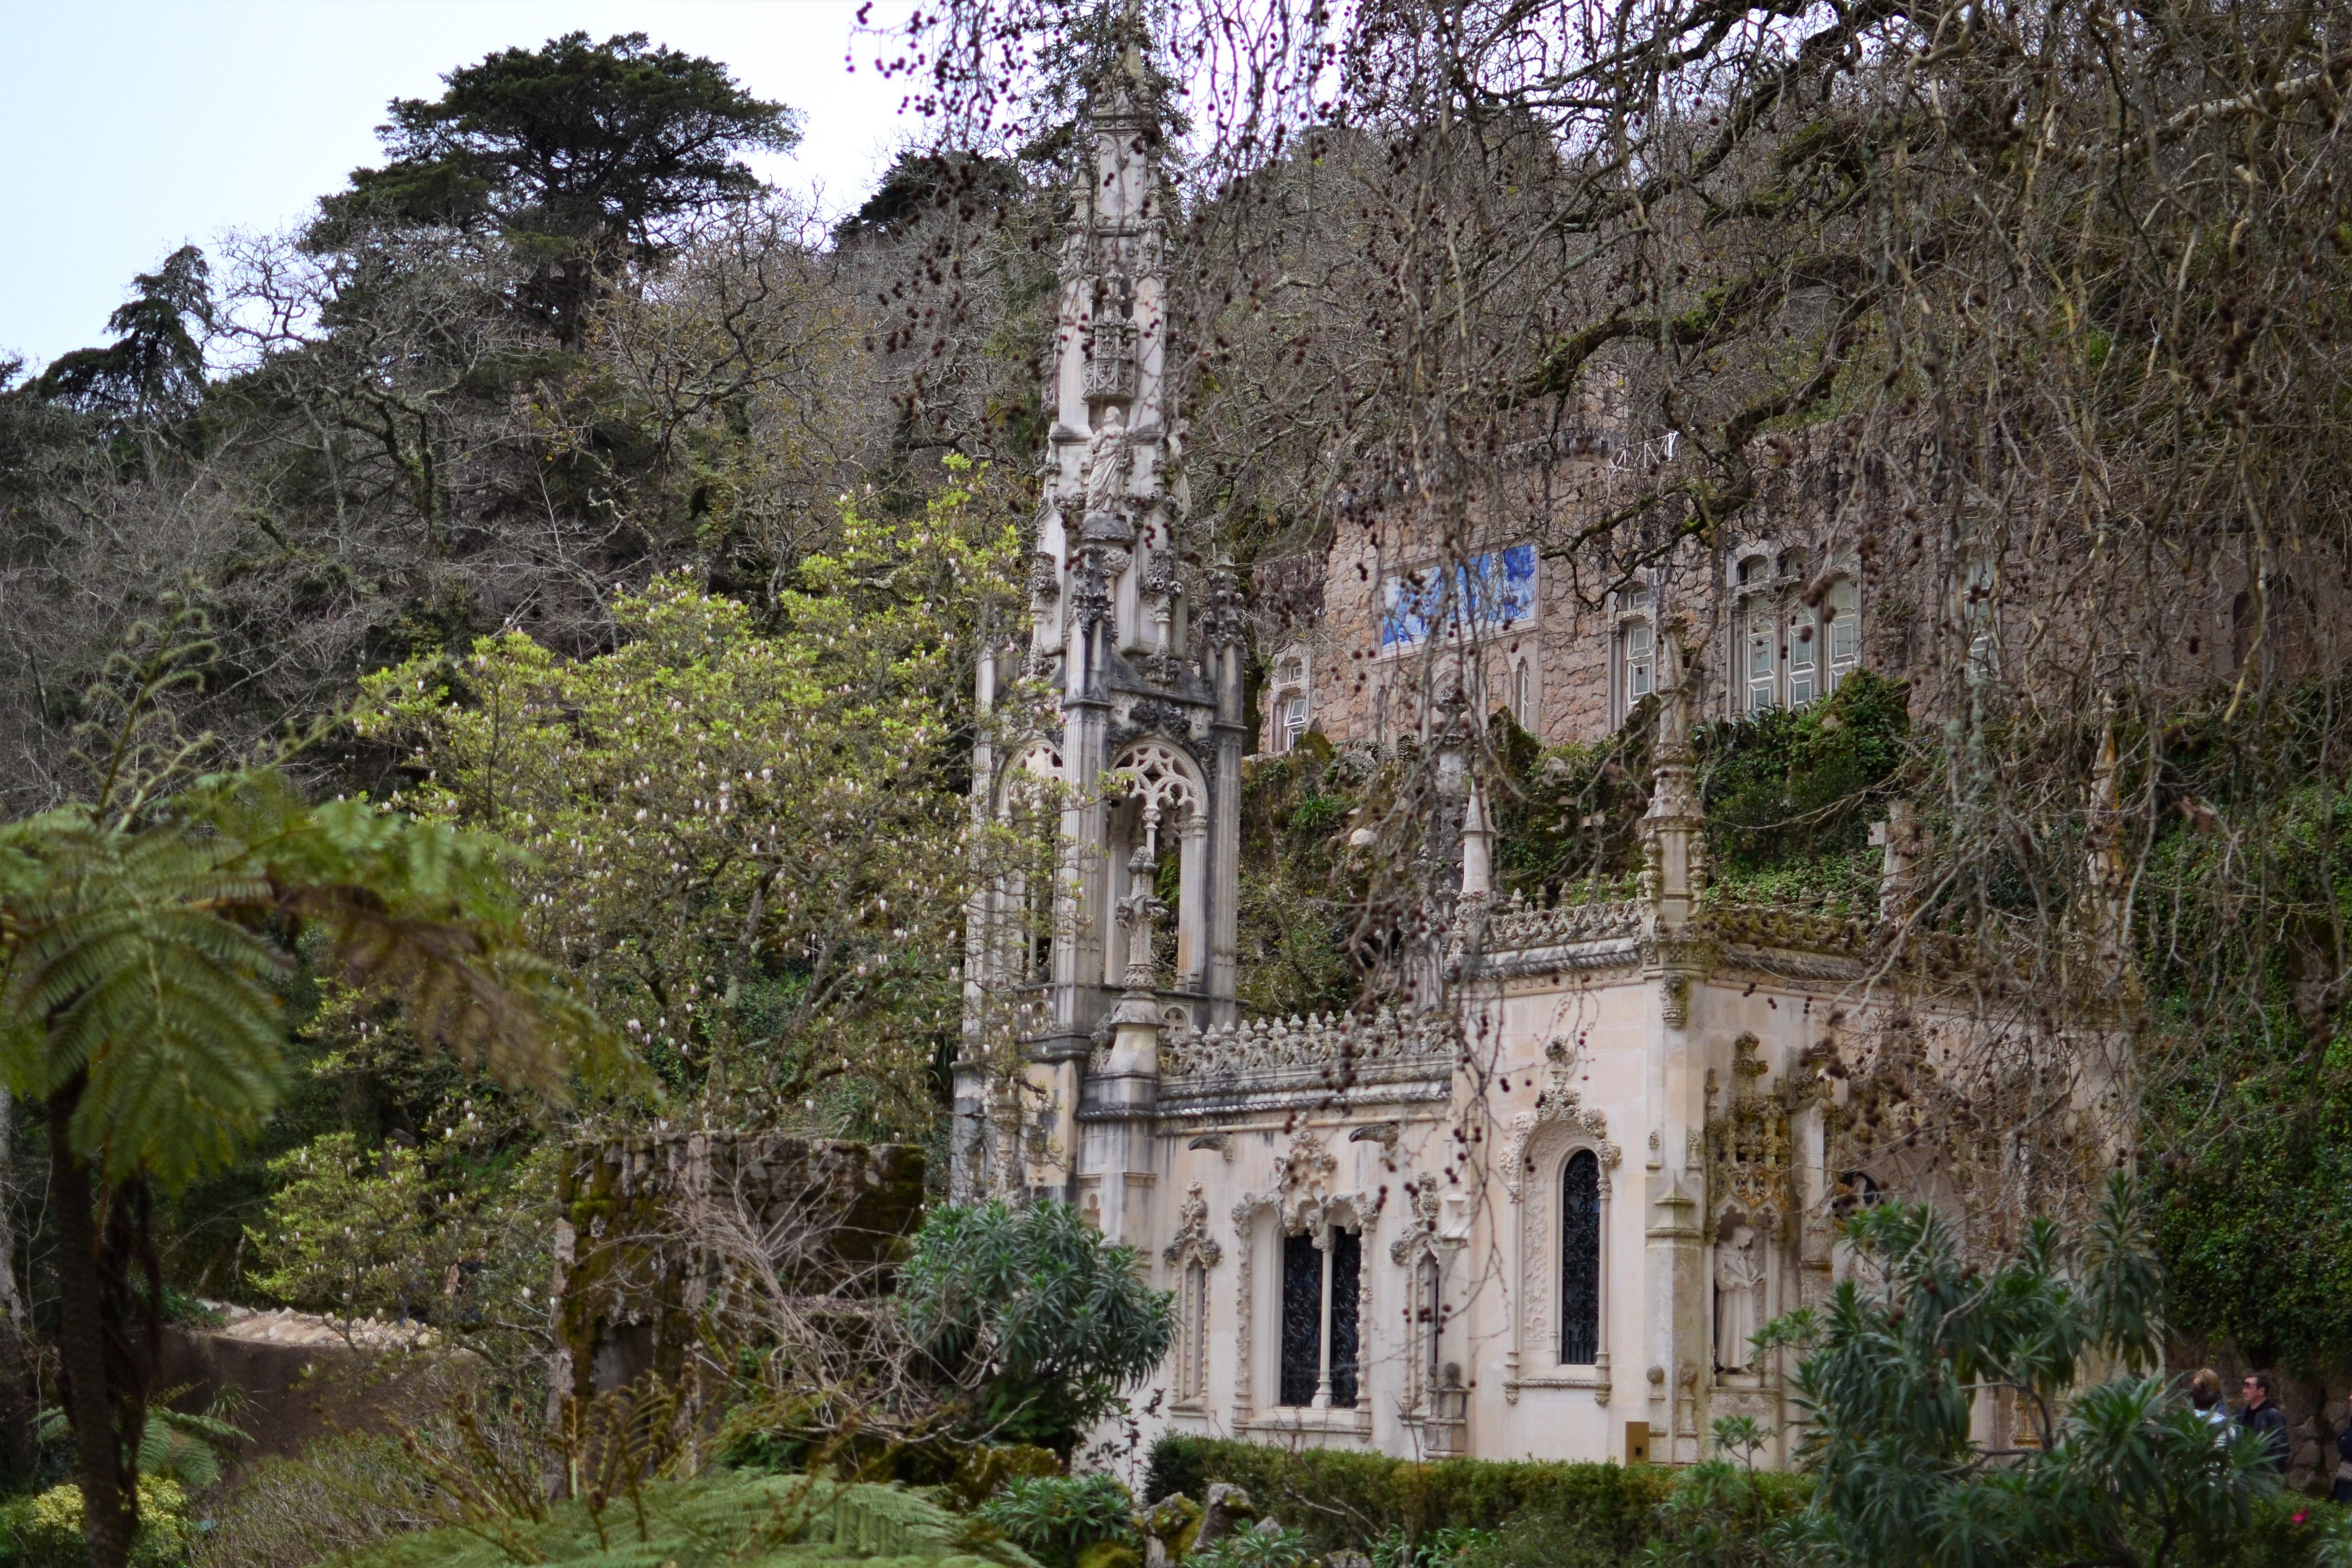 Portugalia, Sintra, quinta da regaleira, zbierajsie (28)